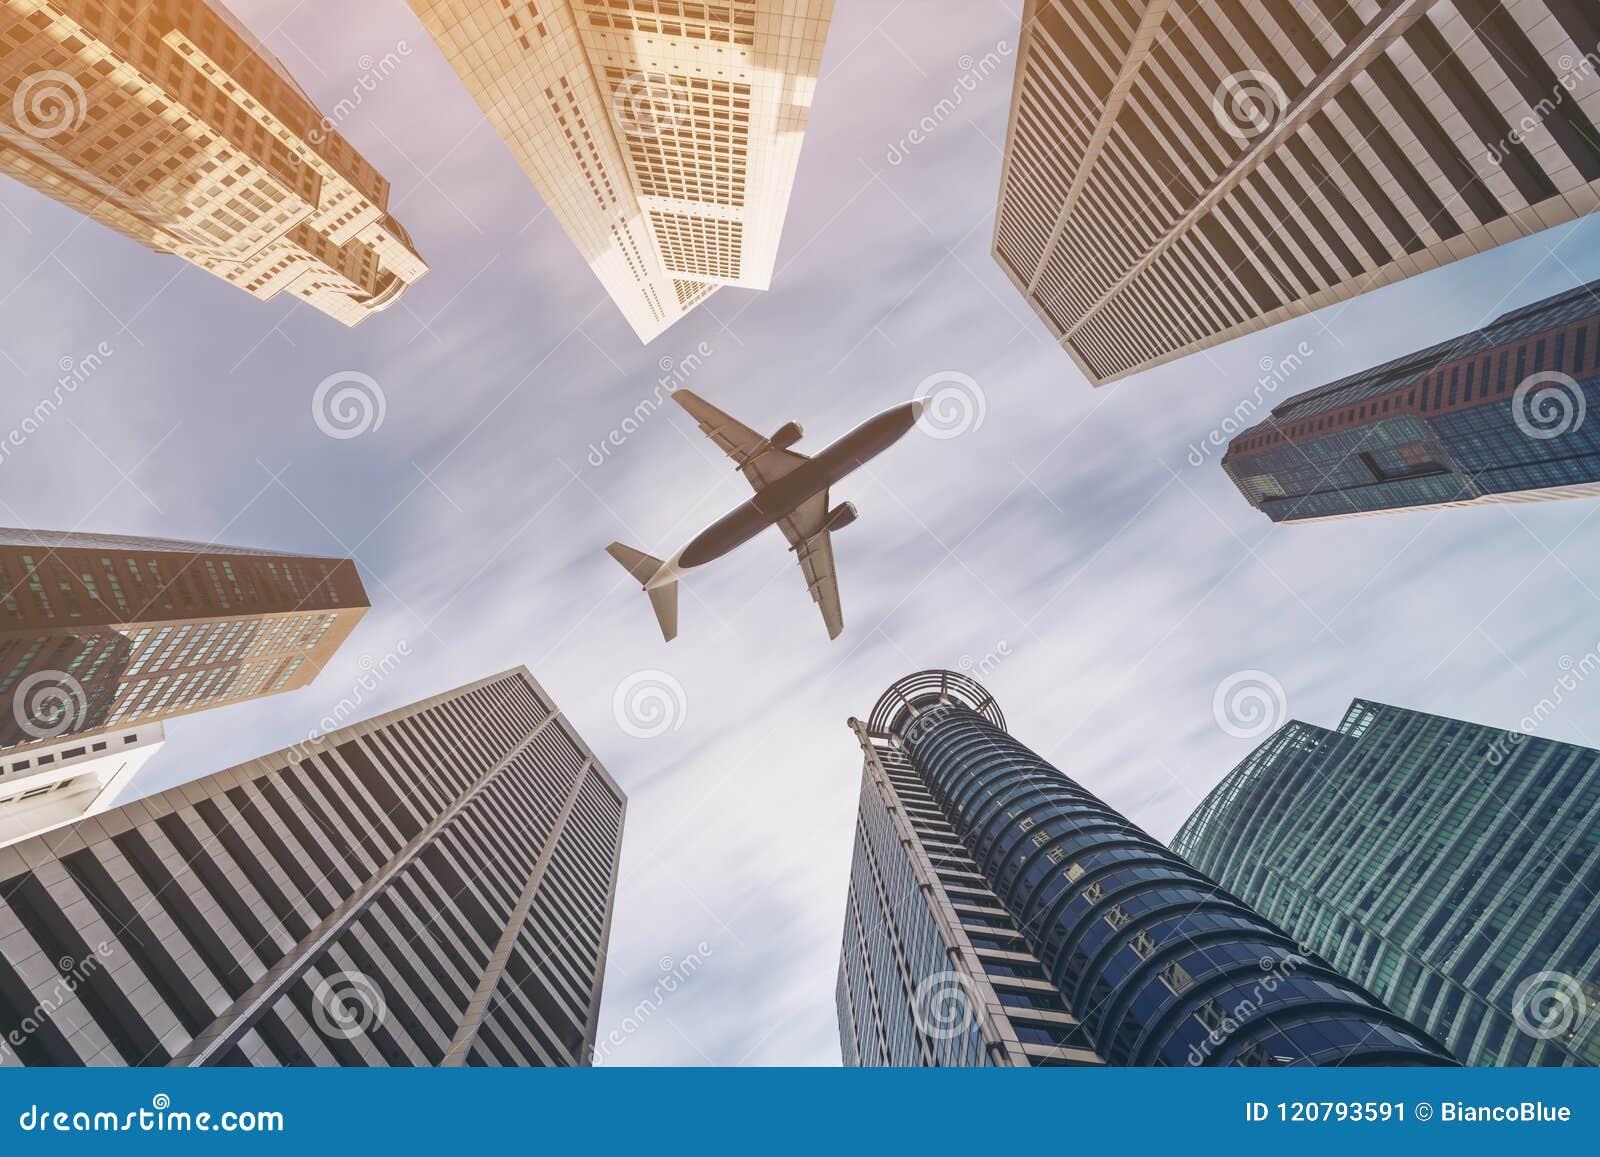 Aeroplano que vuela sobre edificios del negocio de la ciudad, skyscrap de gran altura